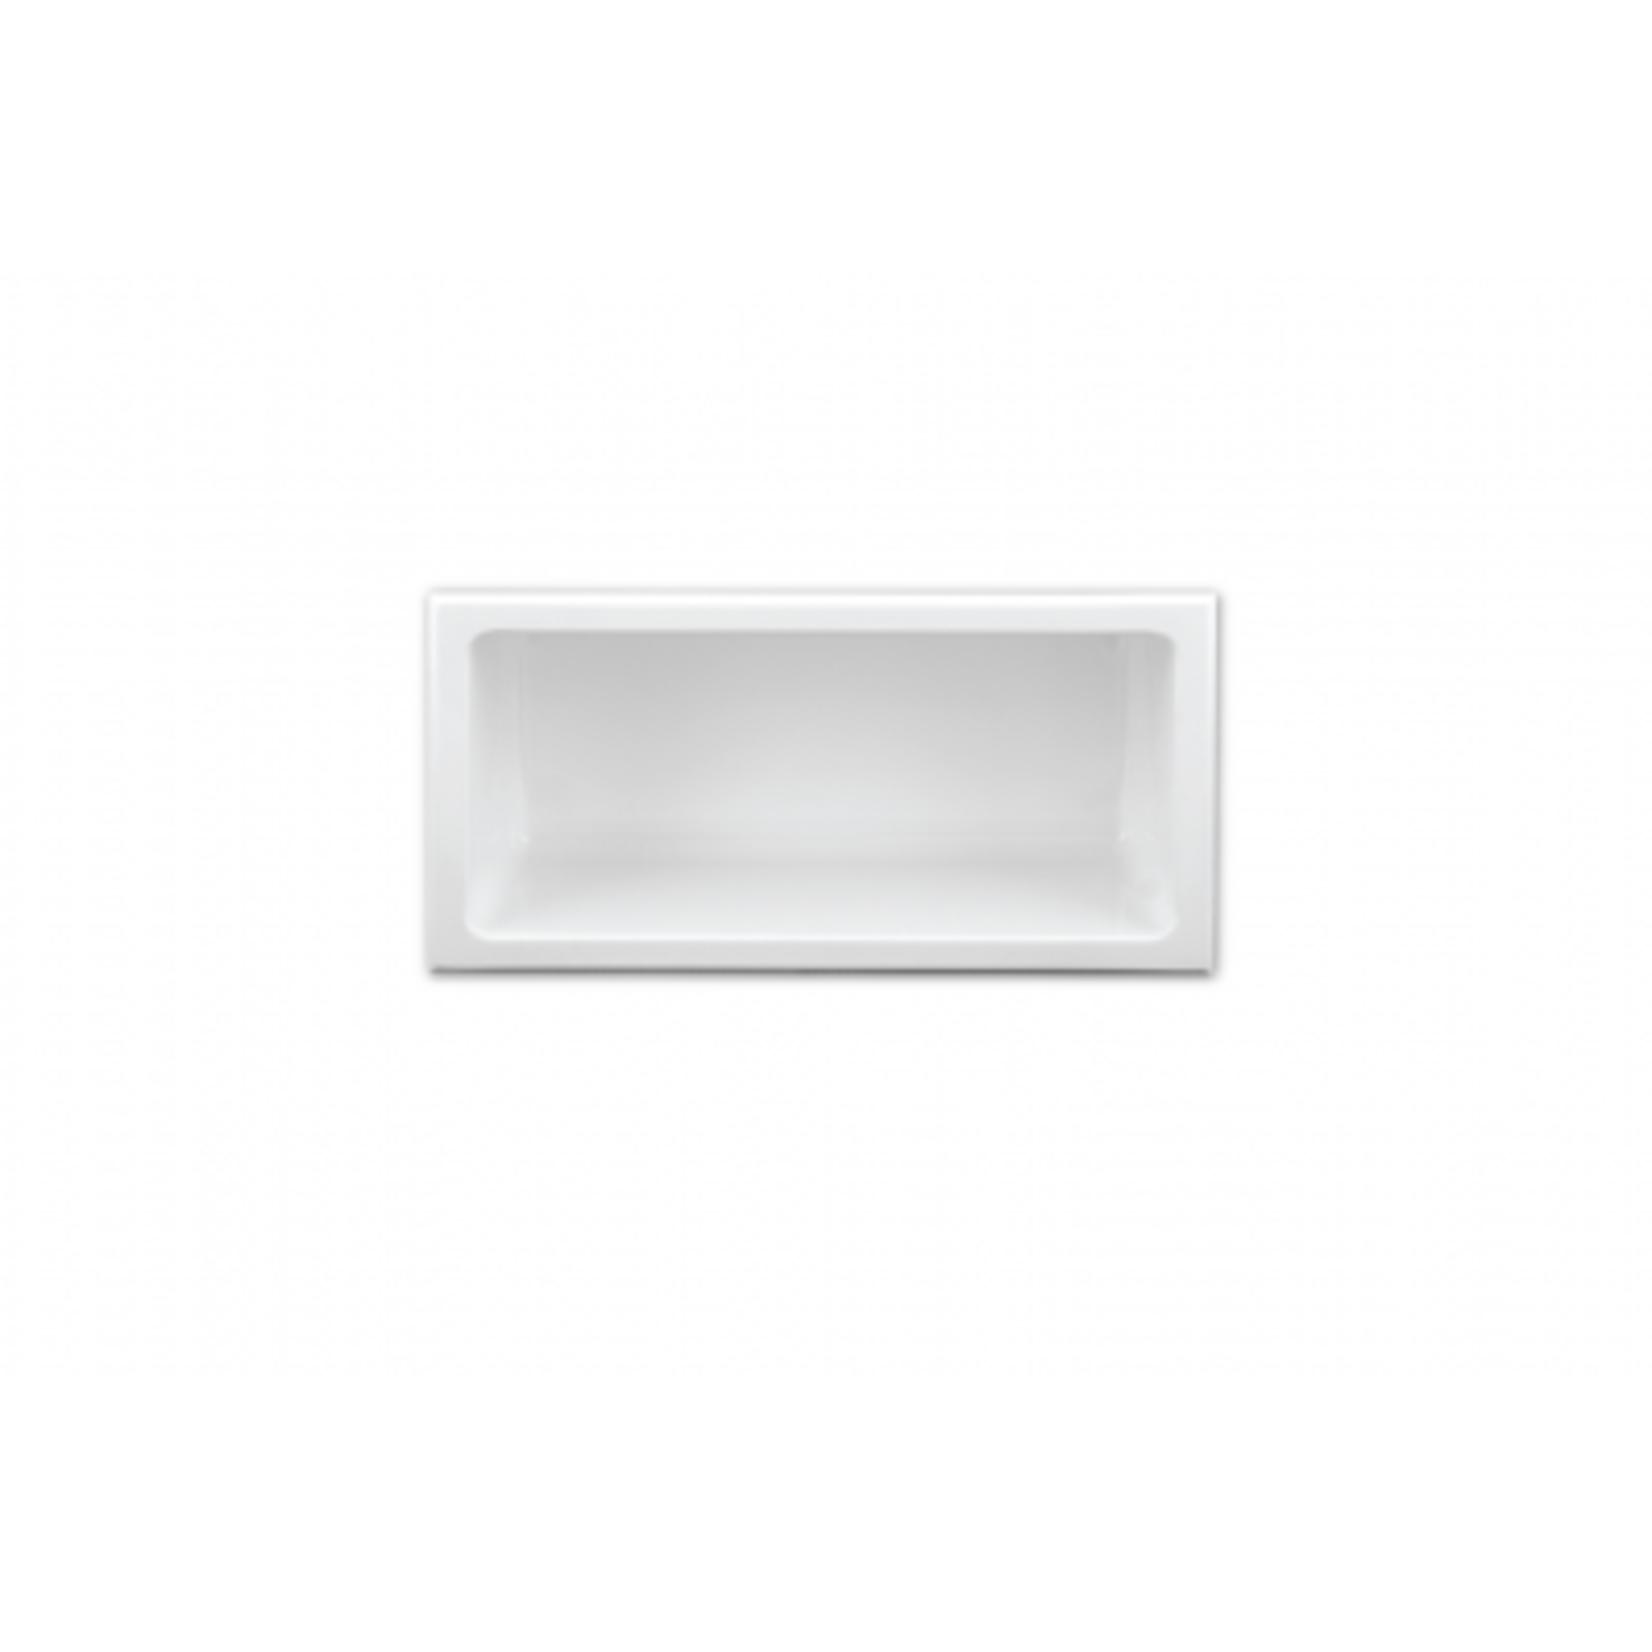 Wall niche 12x6 White Nautika NI126W